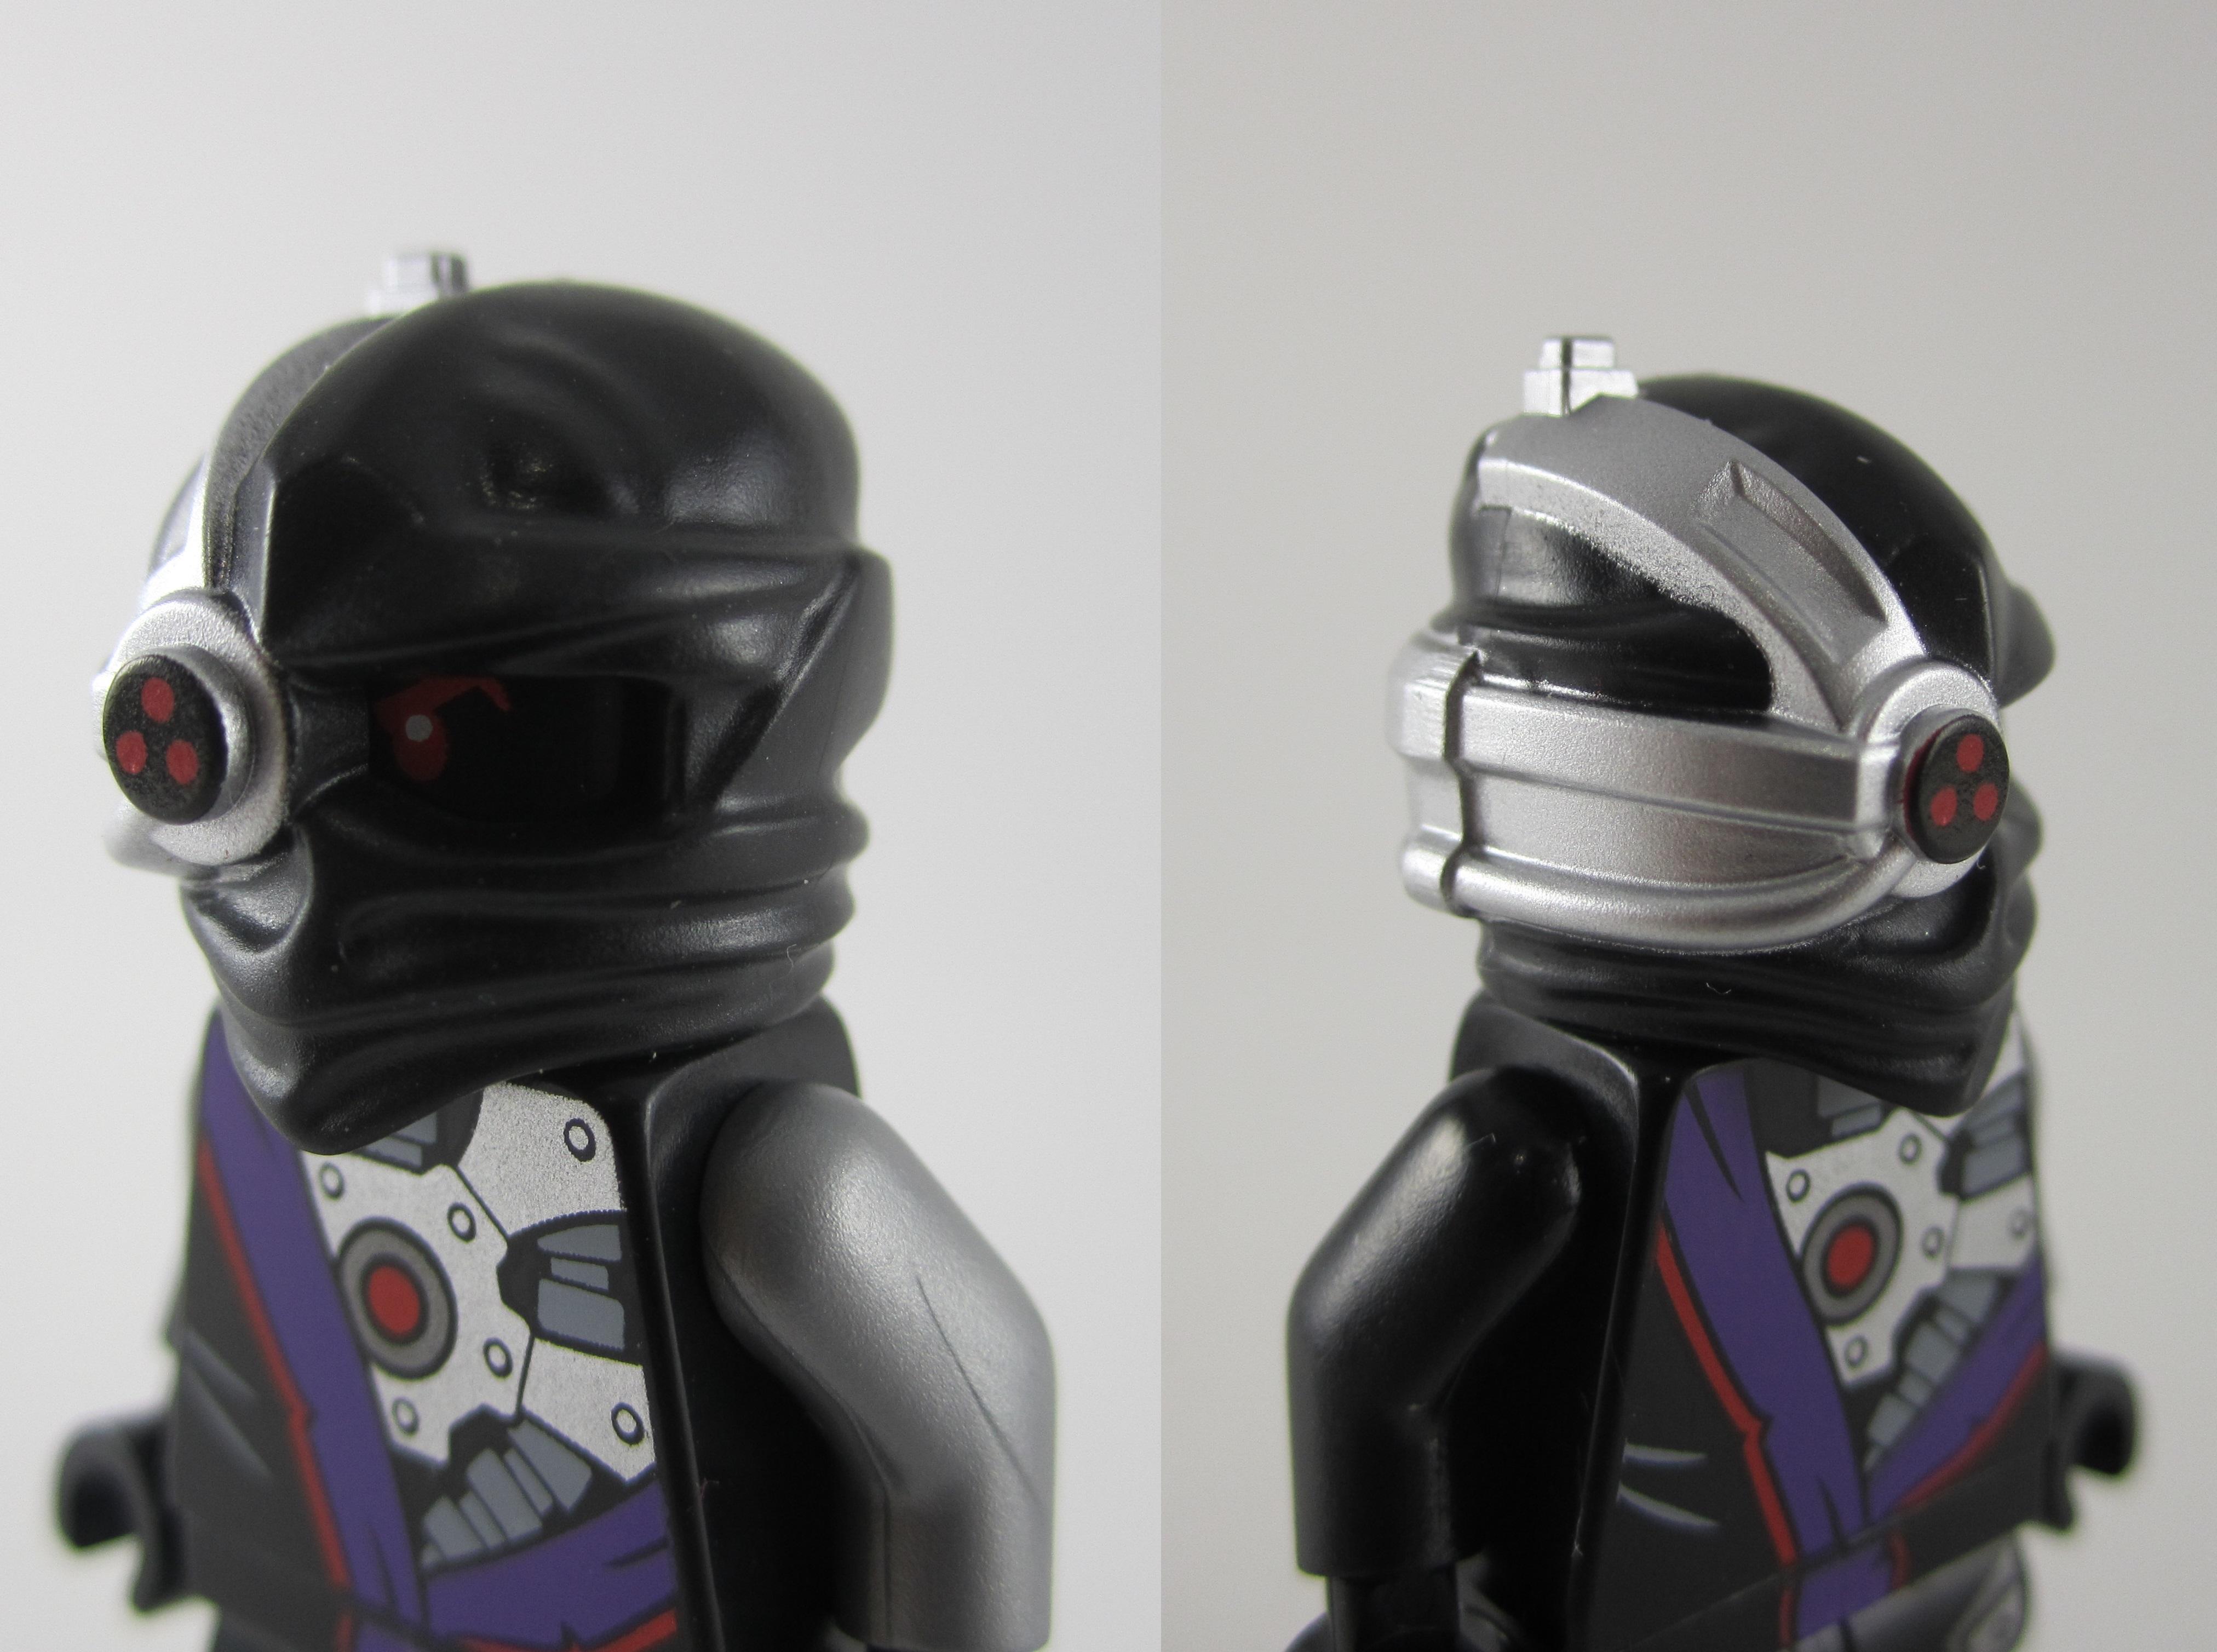 707023 - Nindroid Helmet